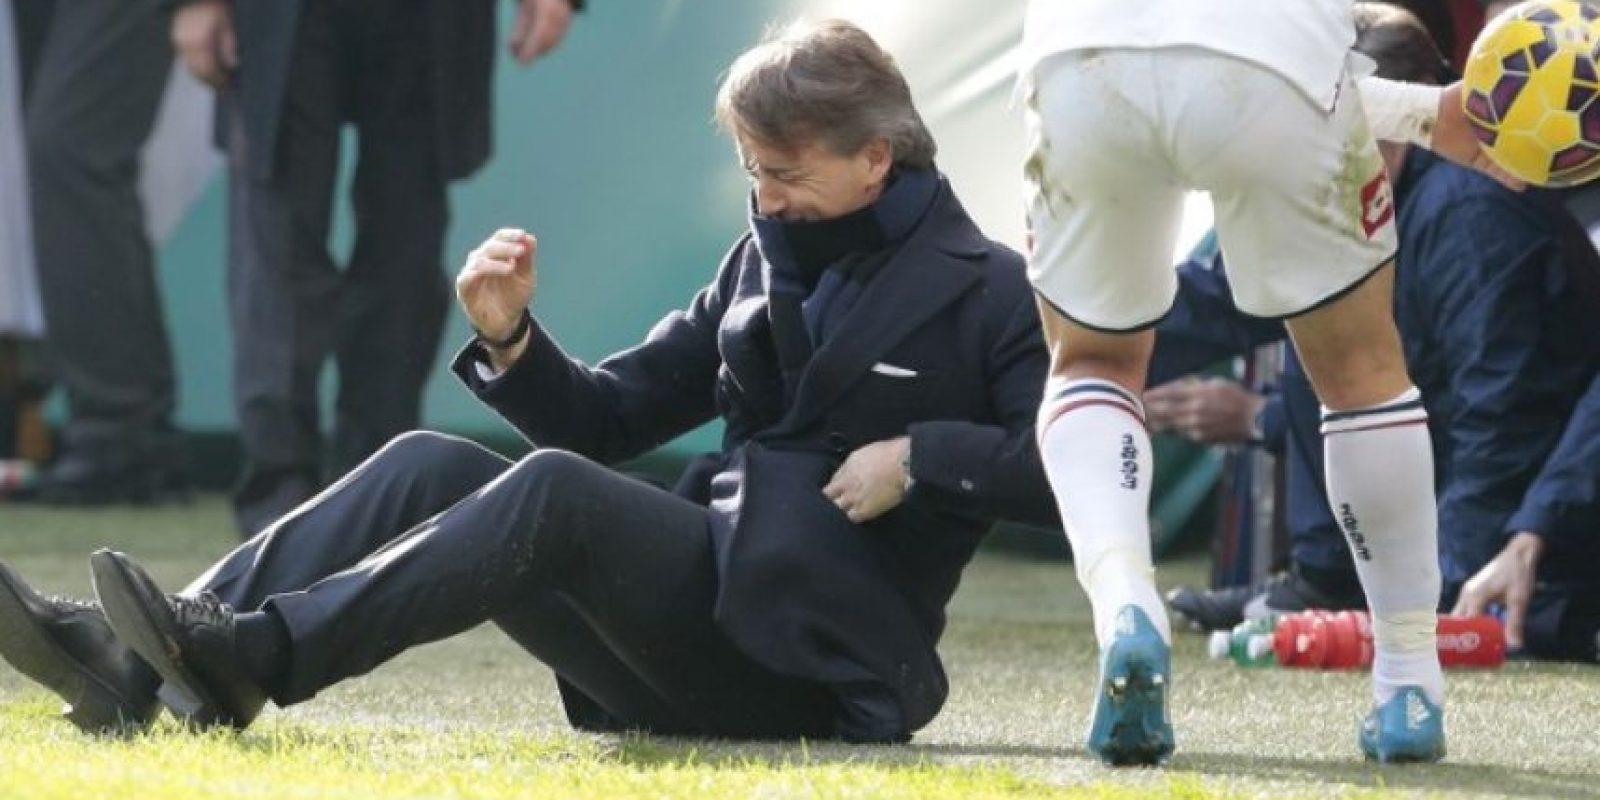 Un balonazo de Andreolli impactó en el rostro de Roberto Mancini, quien cayó al suelo. Foto:AFP